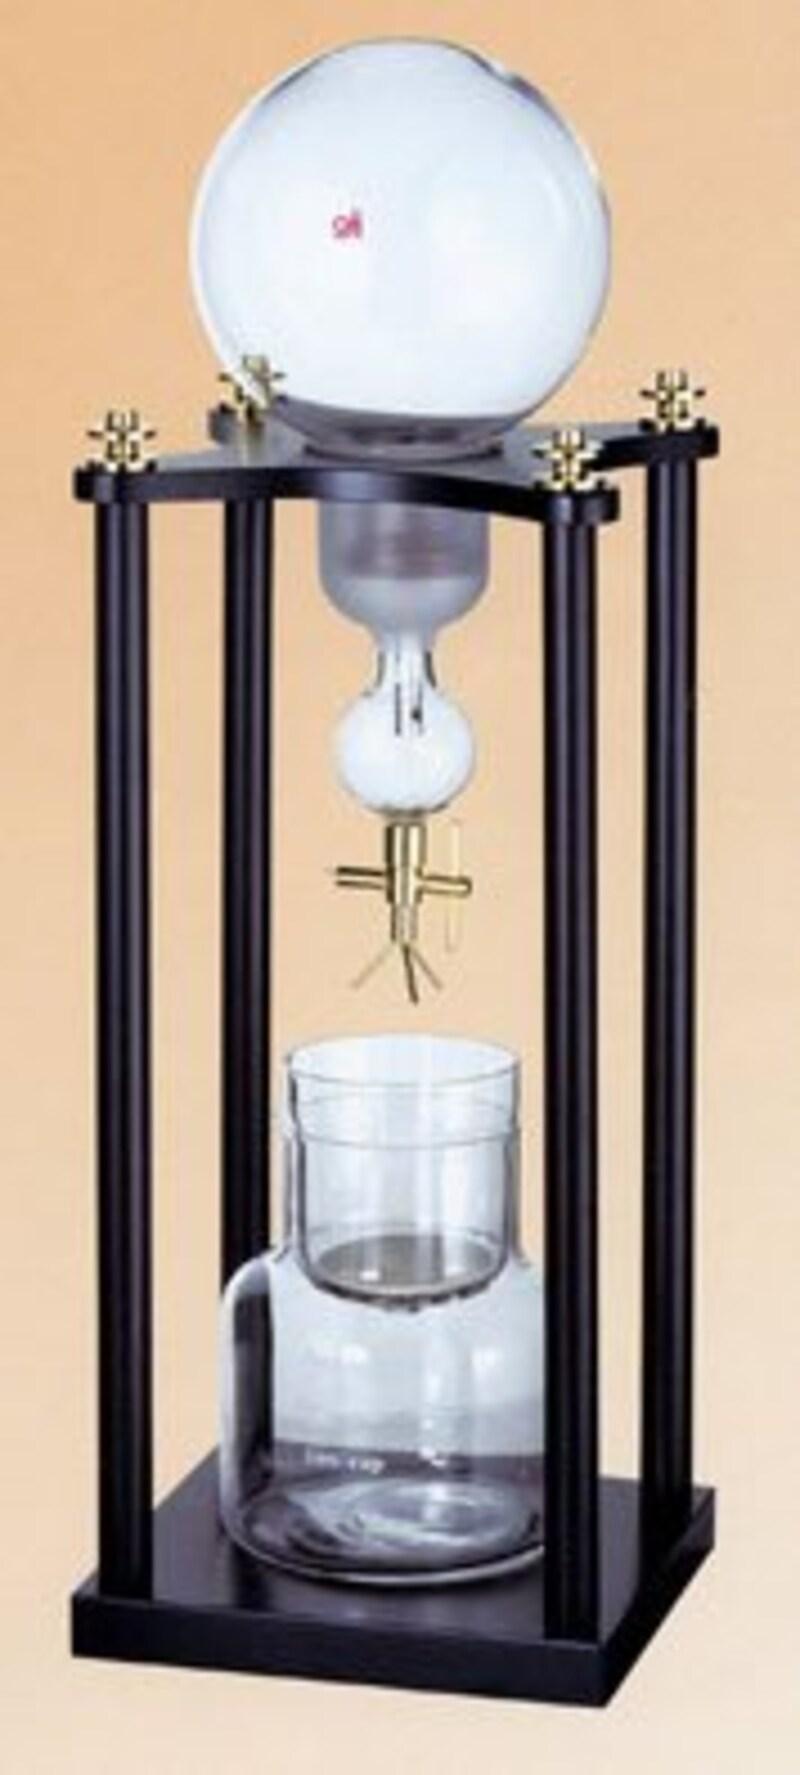 オージ,水出しコーヒー器具 4人用,WD-45